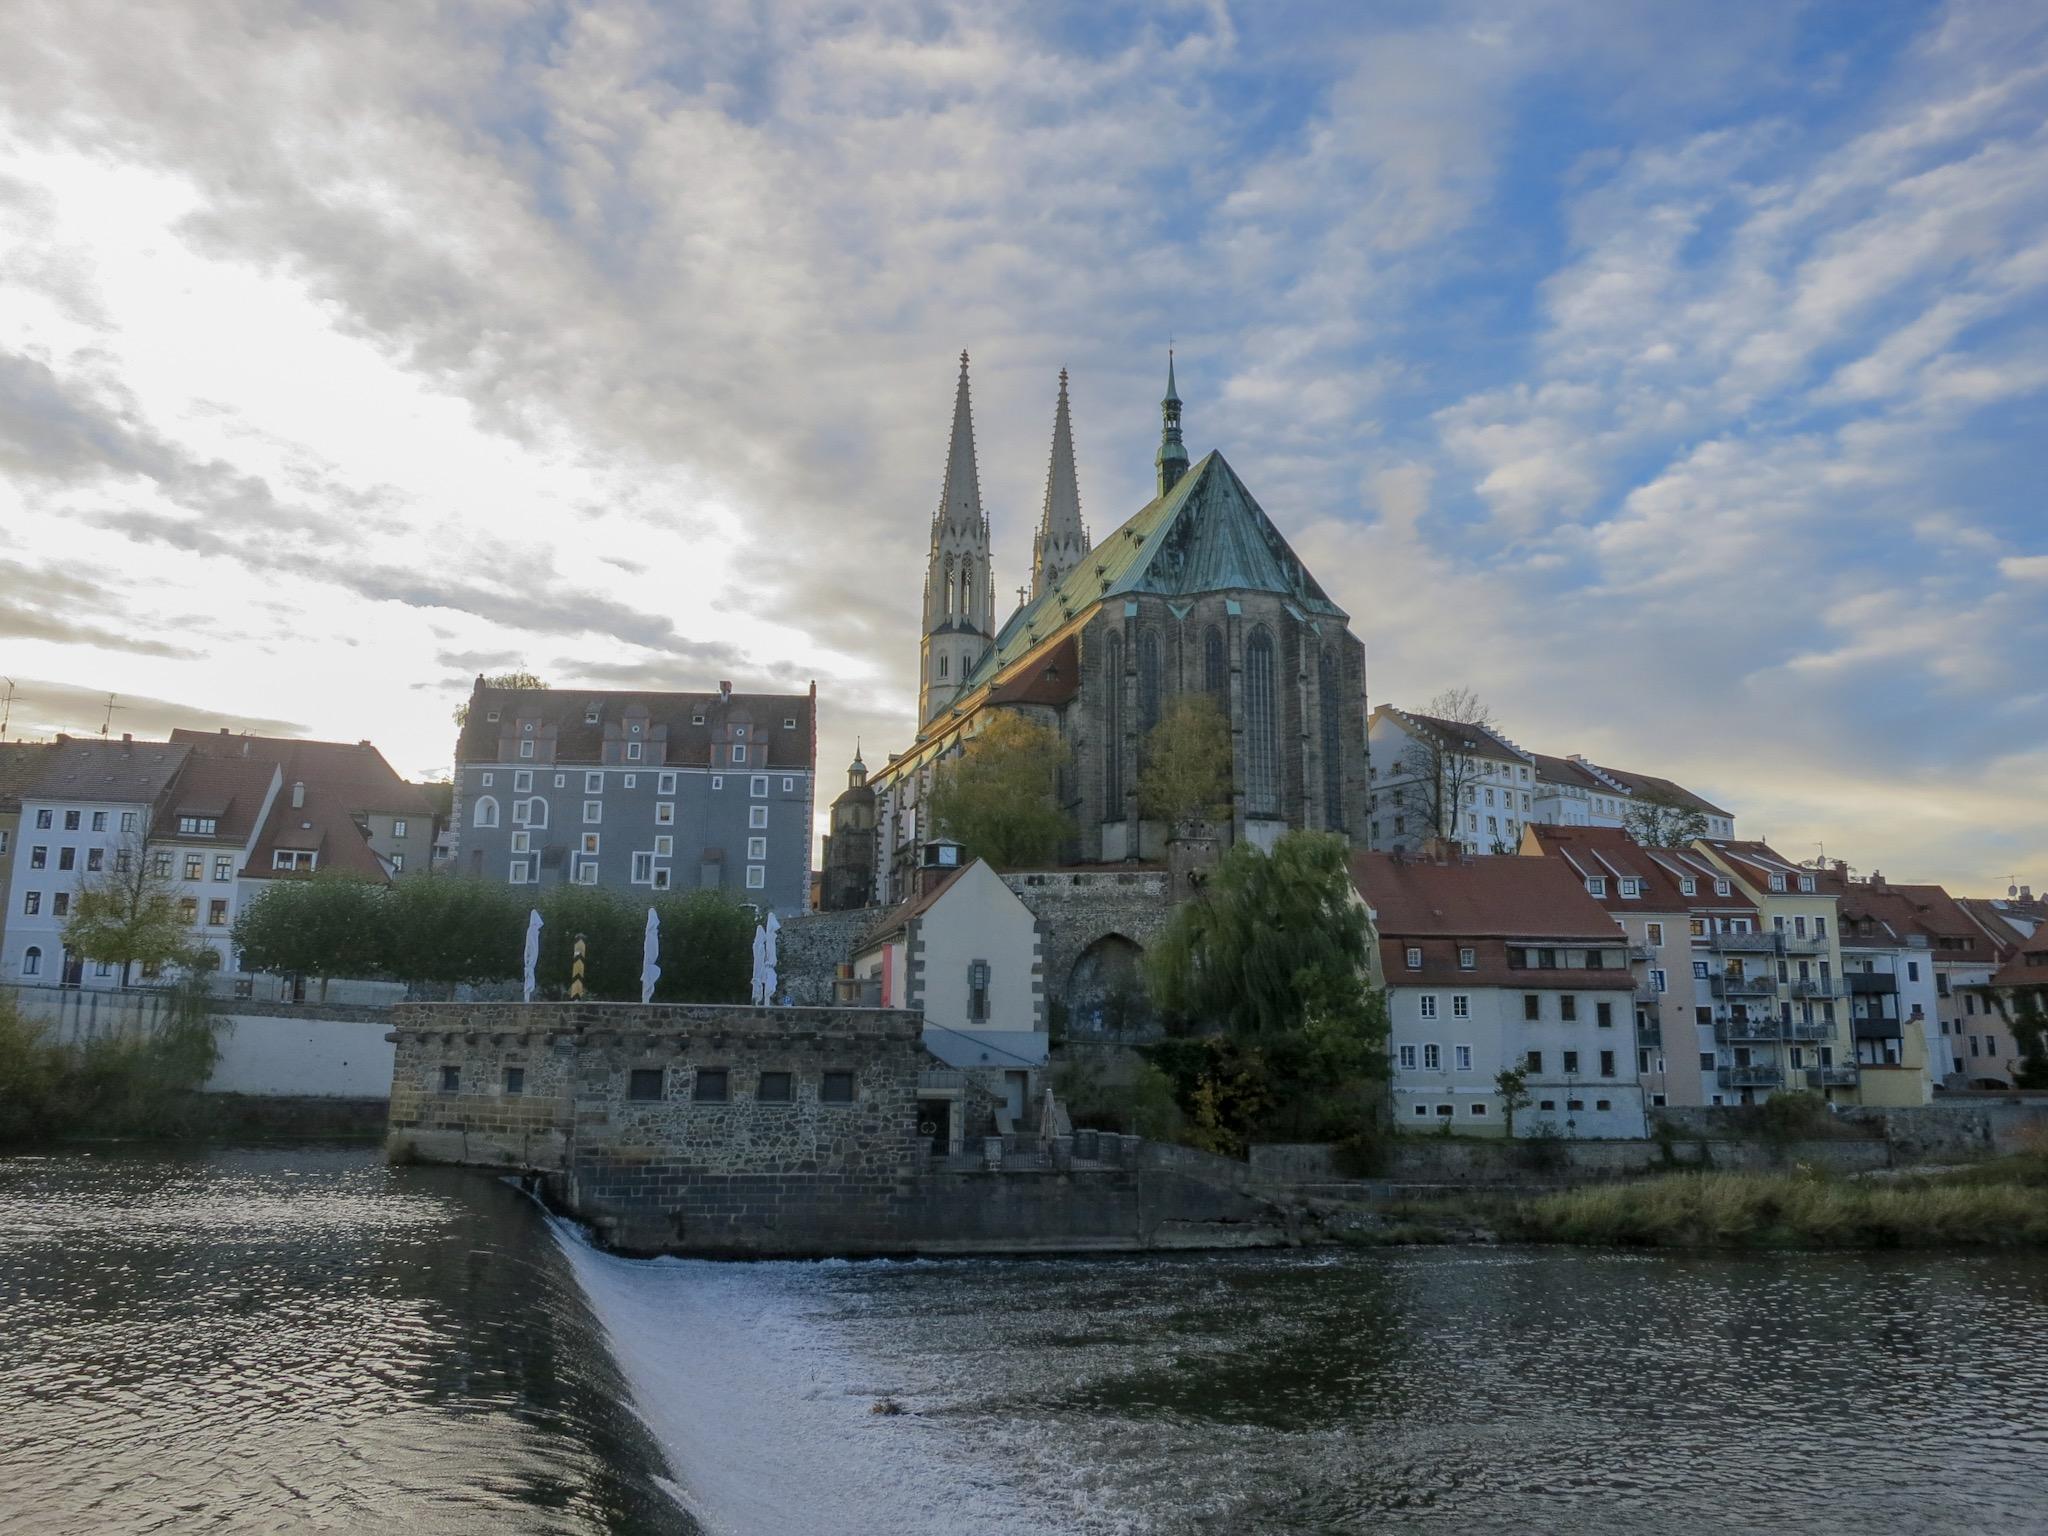 Görlitz,Germany/Zgorzelec,Poland